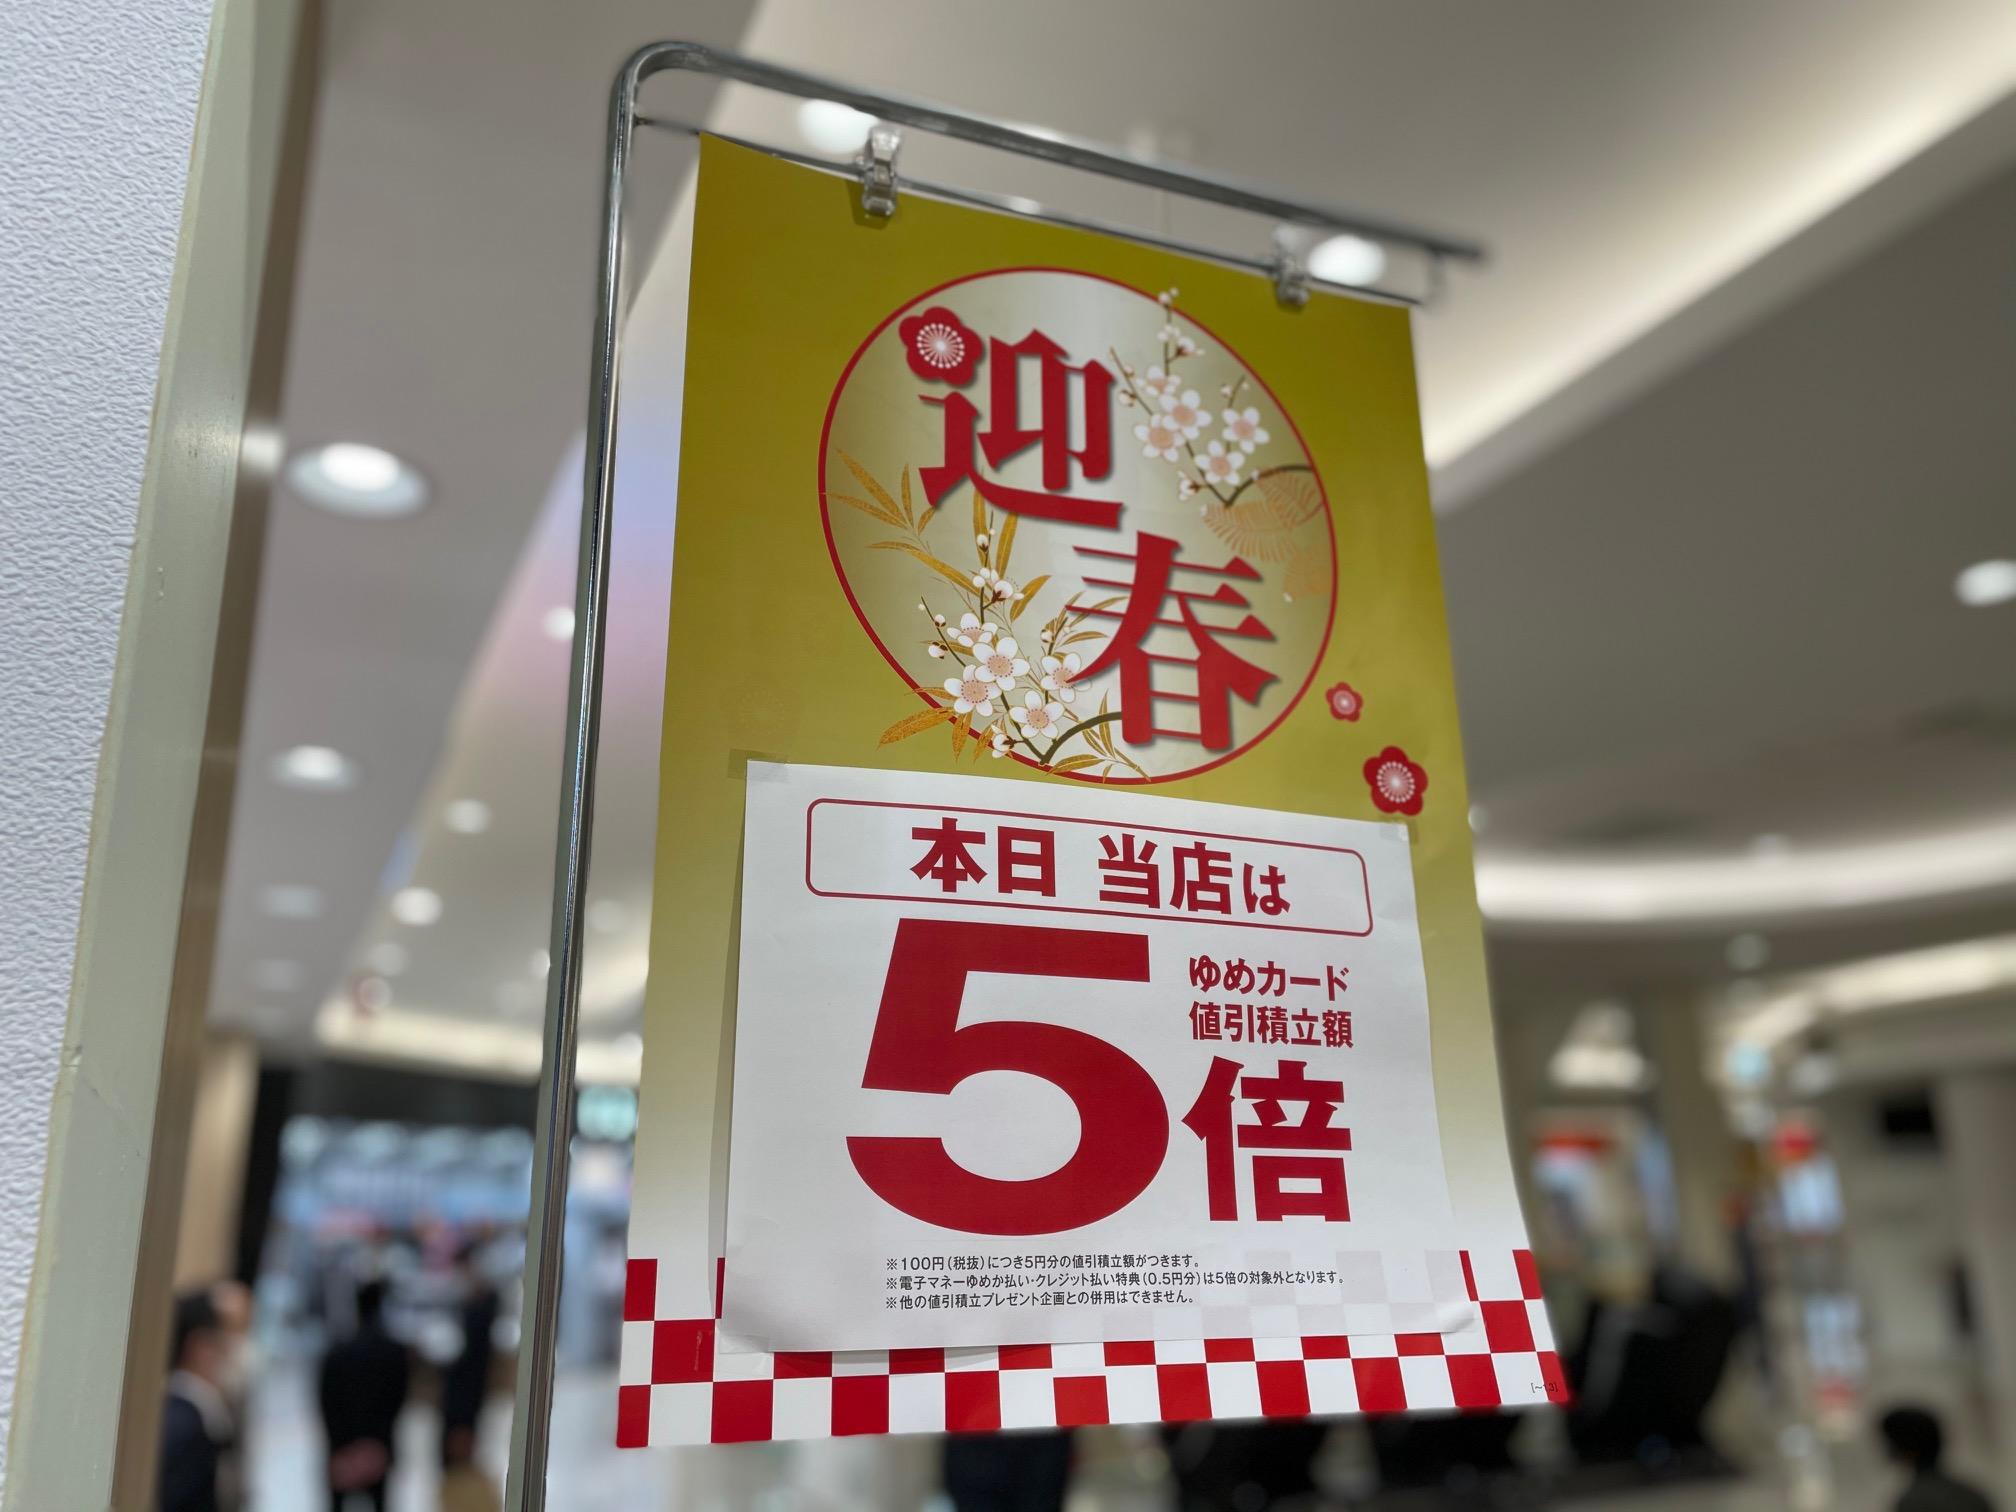 【ゆめタウン広島店】iPhone修理もスマホアクセサリーも値引積立額5倍キャンペーン実施中です(●^o^●)